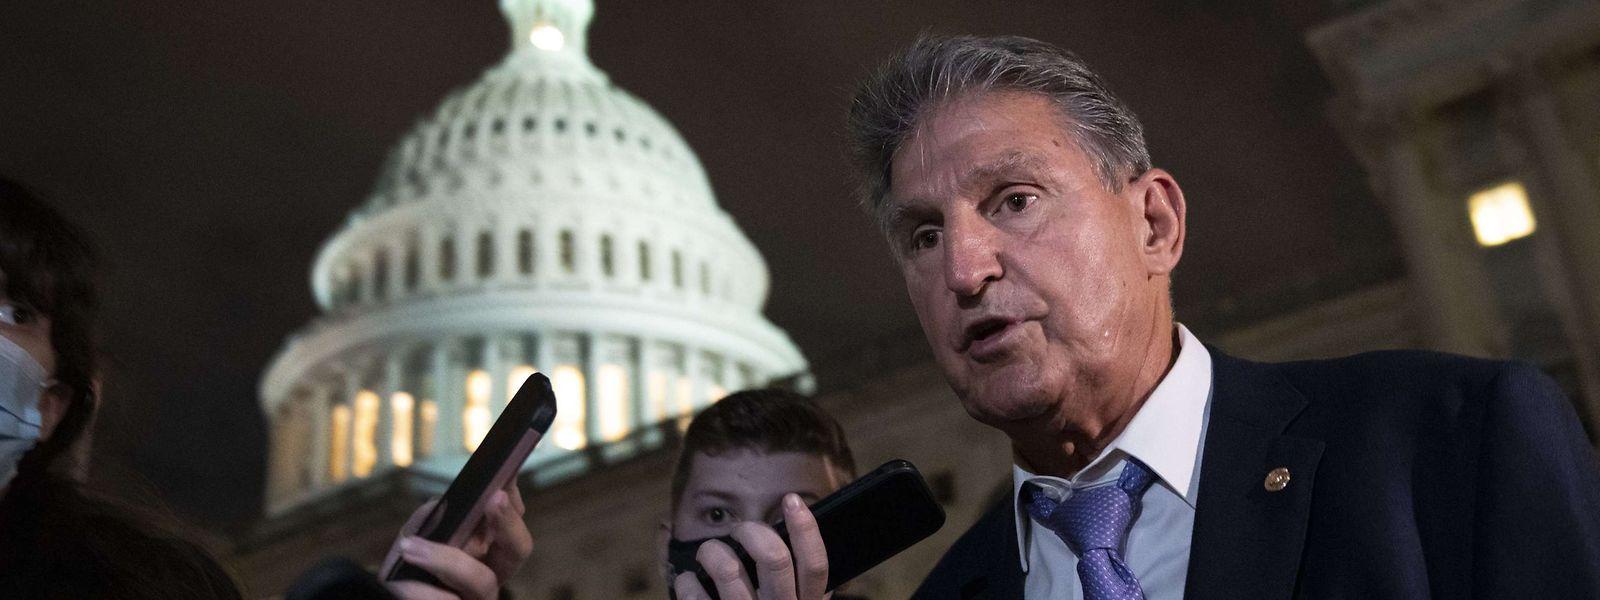 Der demokratische Senator Joe Manchin ist einer von zwei Demokraten, die seit Monaten wichtige Gesetzvorhaben seiner eigenen Partei blockieren.